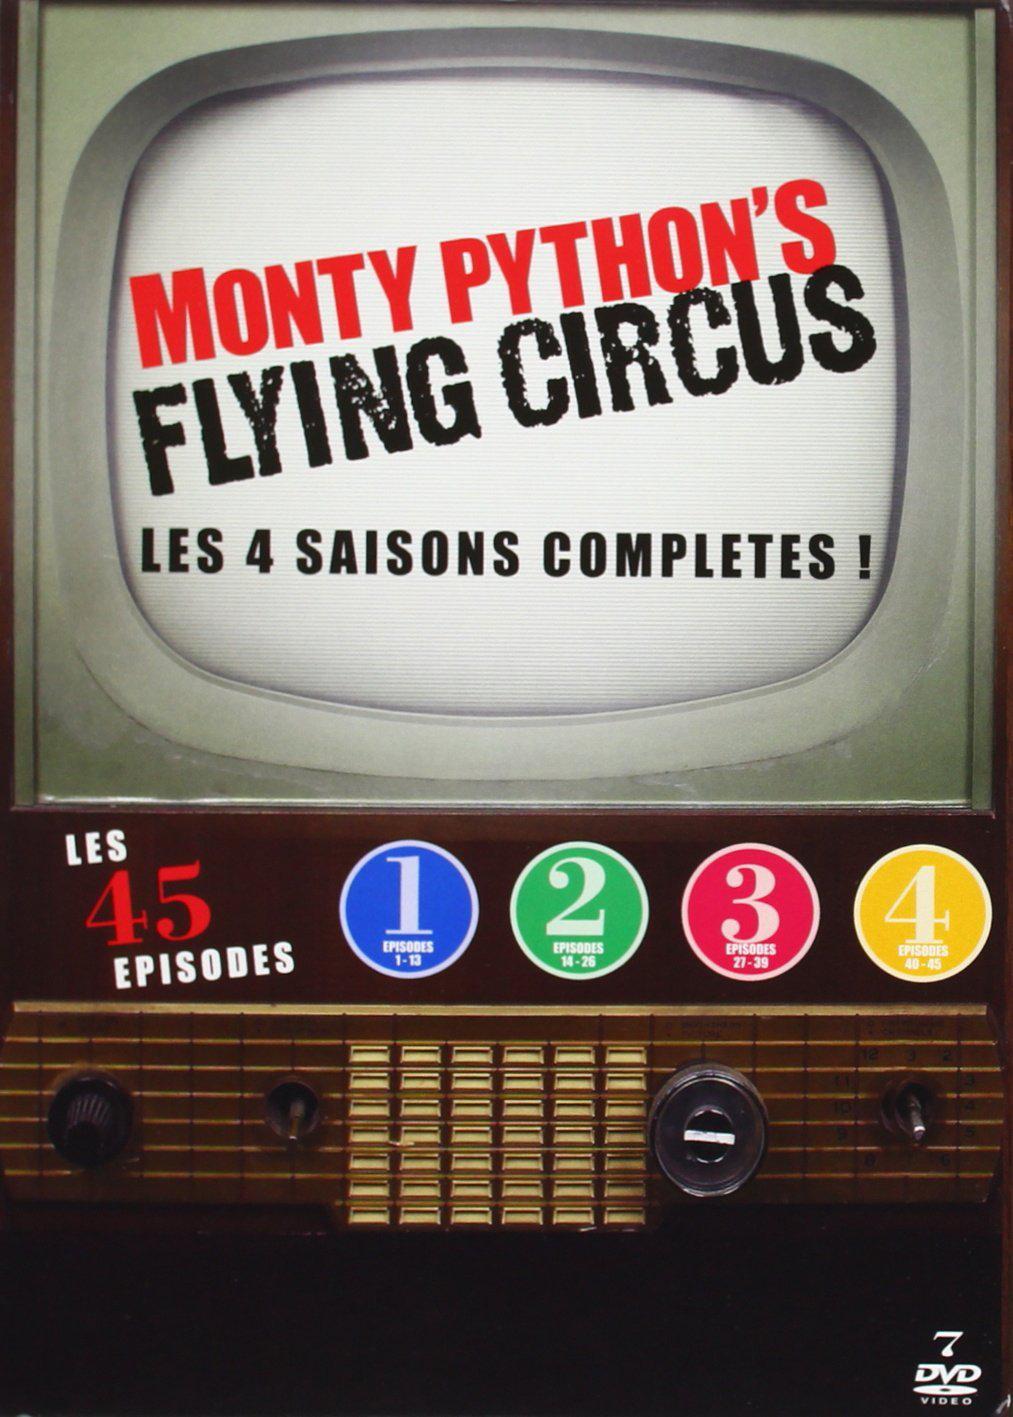 Monty Python's Flying Circus : intégrale Saisons 1 à 4 - DVD